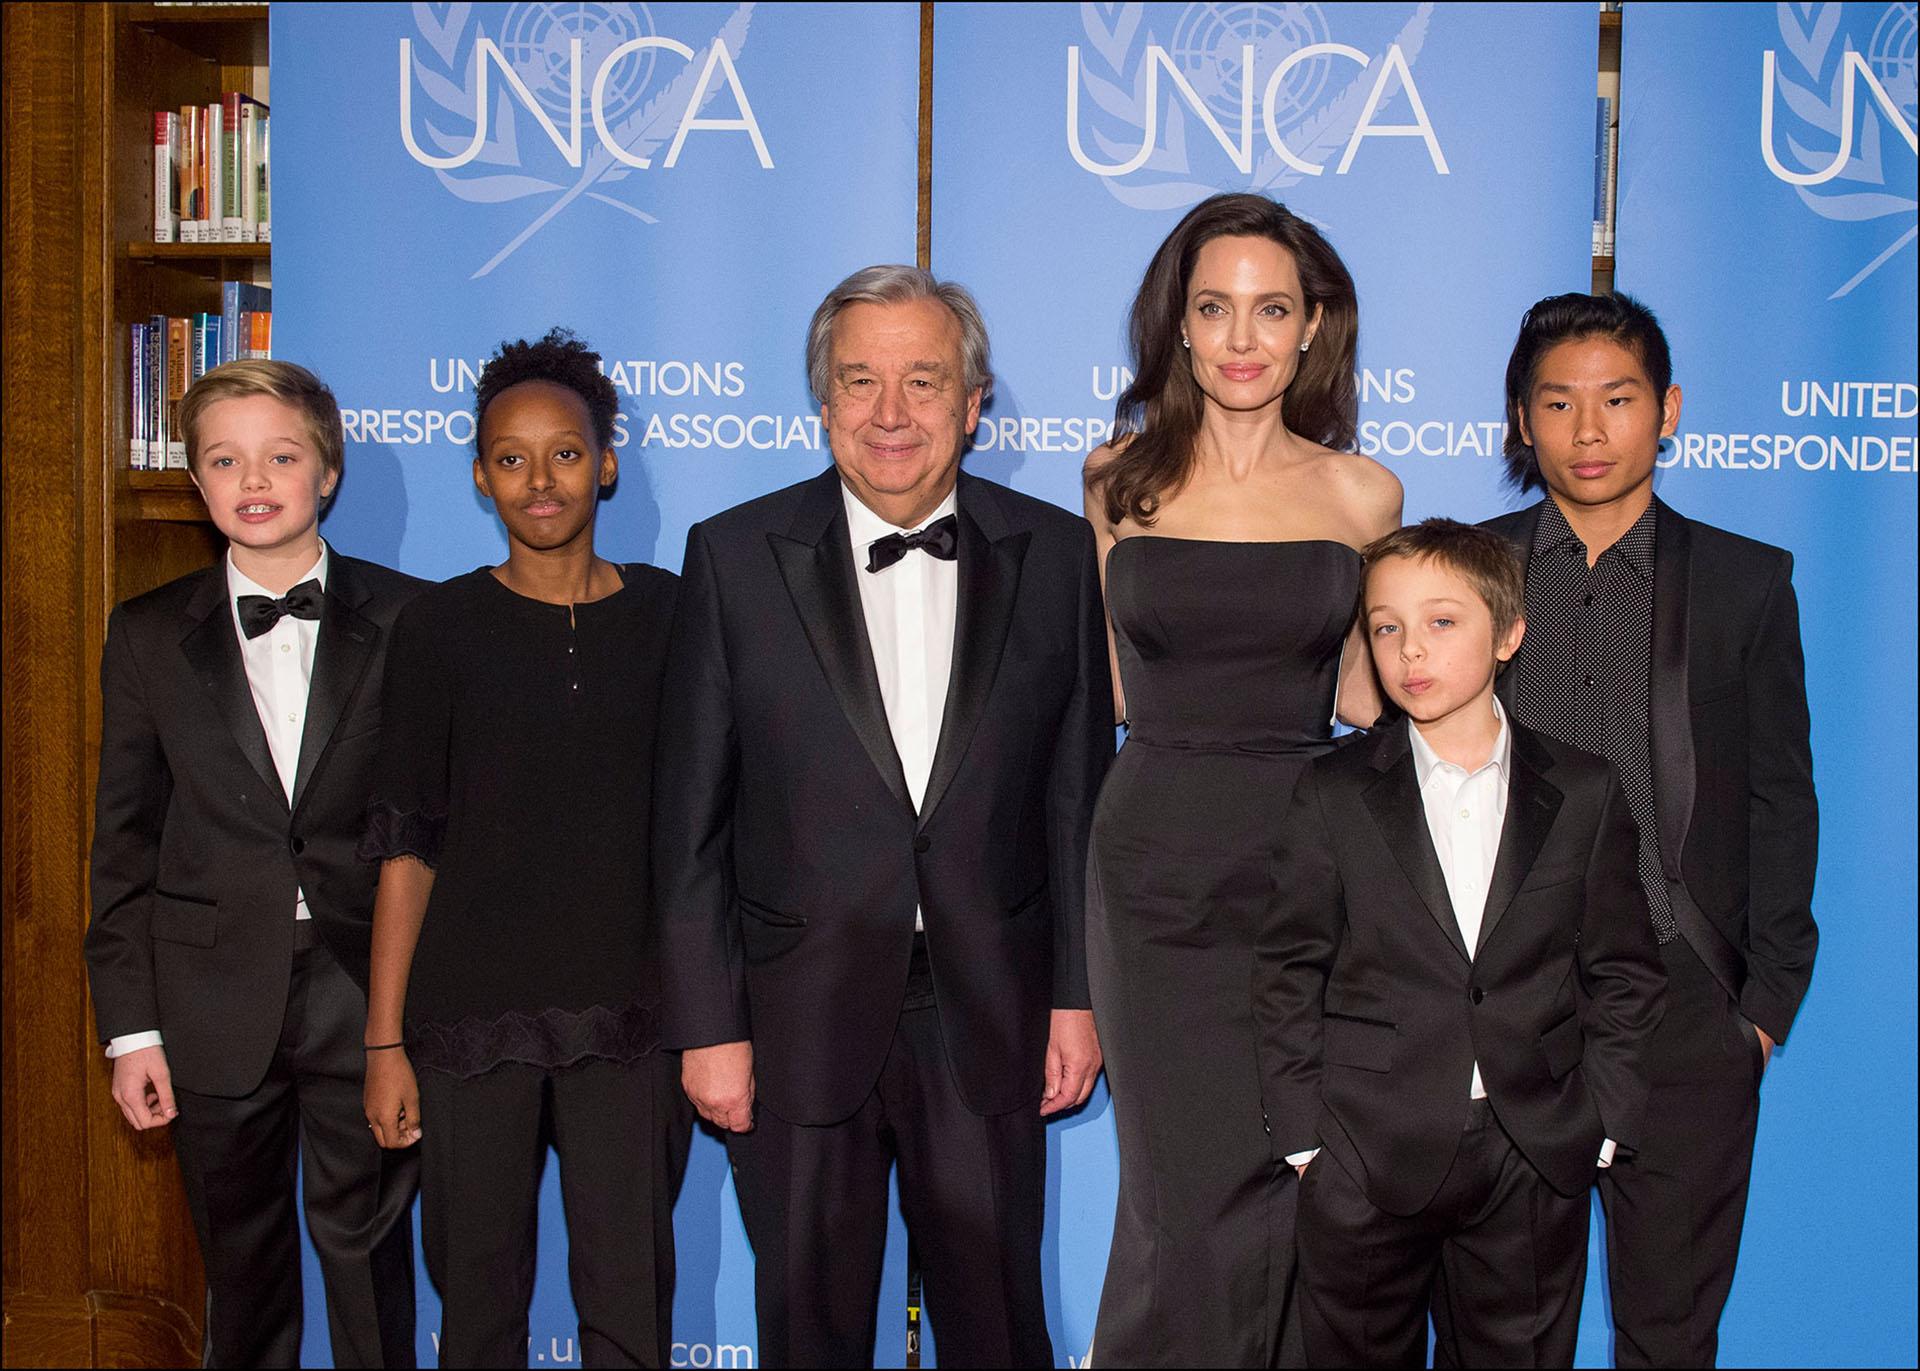 Angelina Jolie, ganadora del Premio Ciudadano Mundial del Año 2017 de UNCA, y detrás de esa gran mujer… sus hijos cada vez más grandes: Pax, Zahara, Shiloh y Knox.